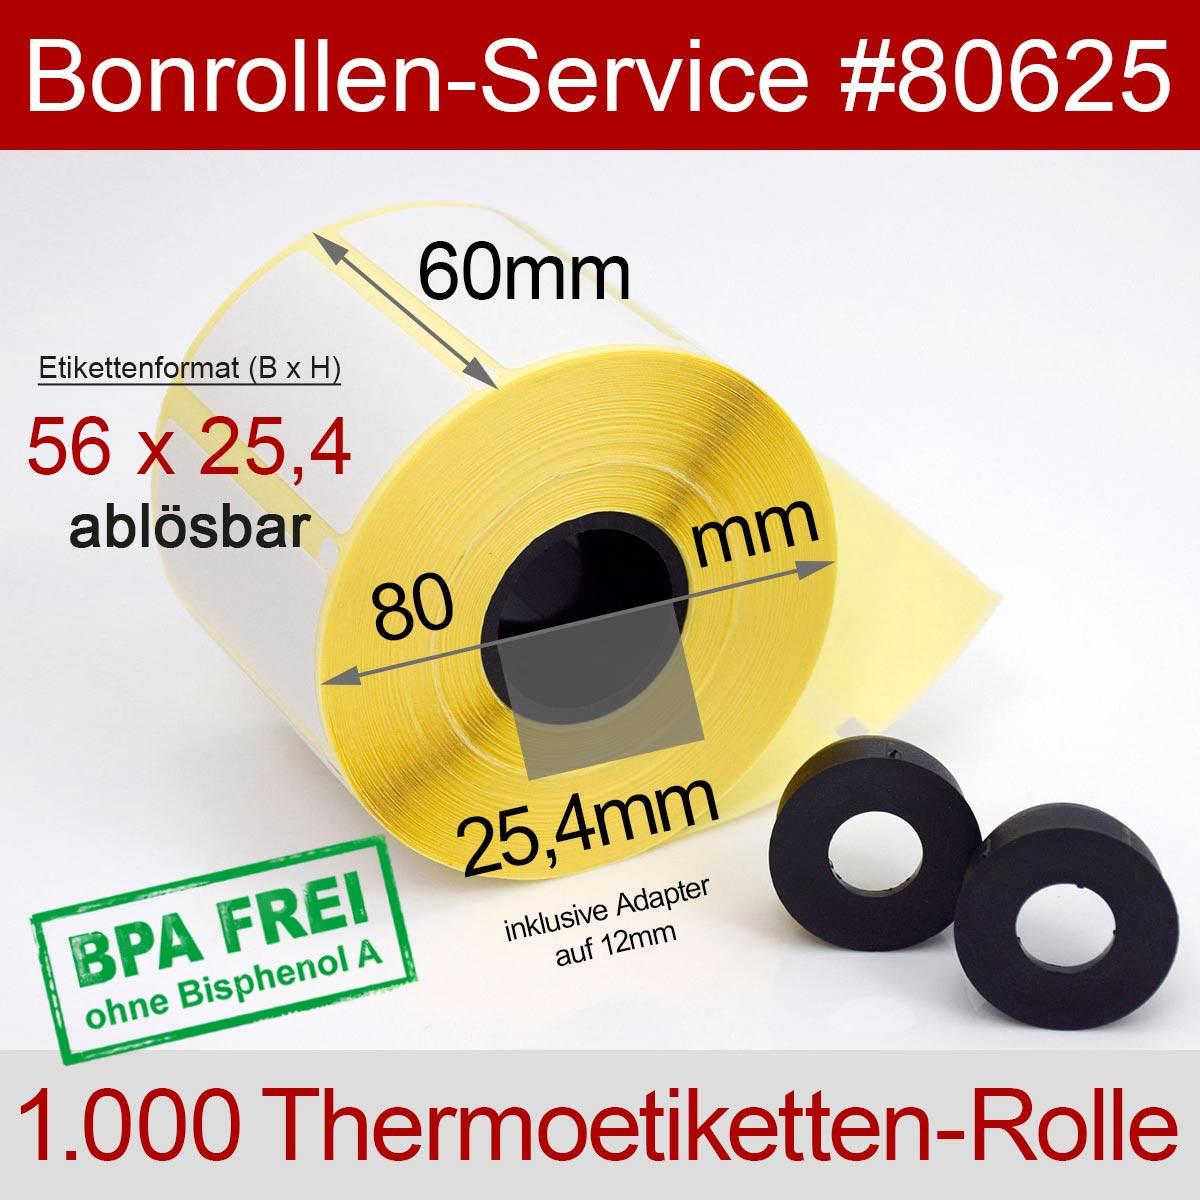 Thermorollen-Etiketten BPA-frei, 56 x 25,4 mm, ablösbar klebend - Detailansicht